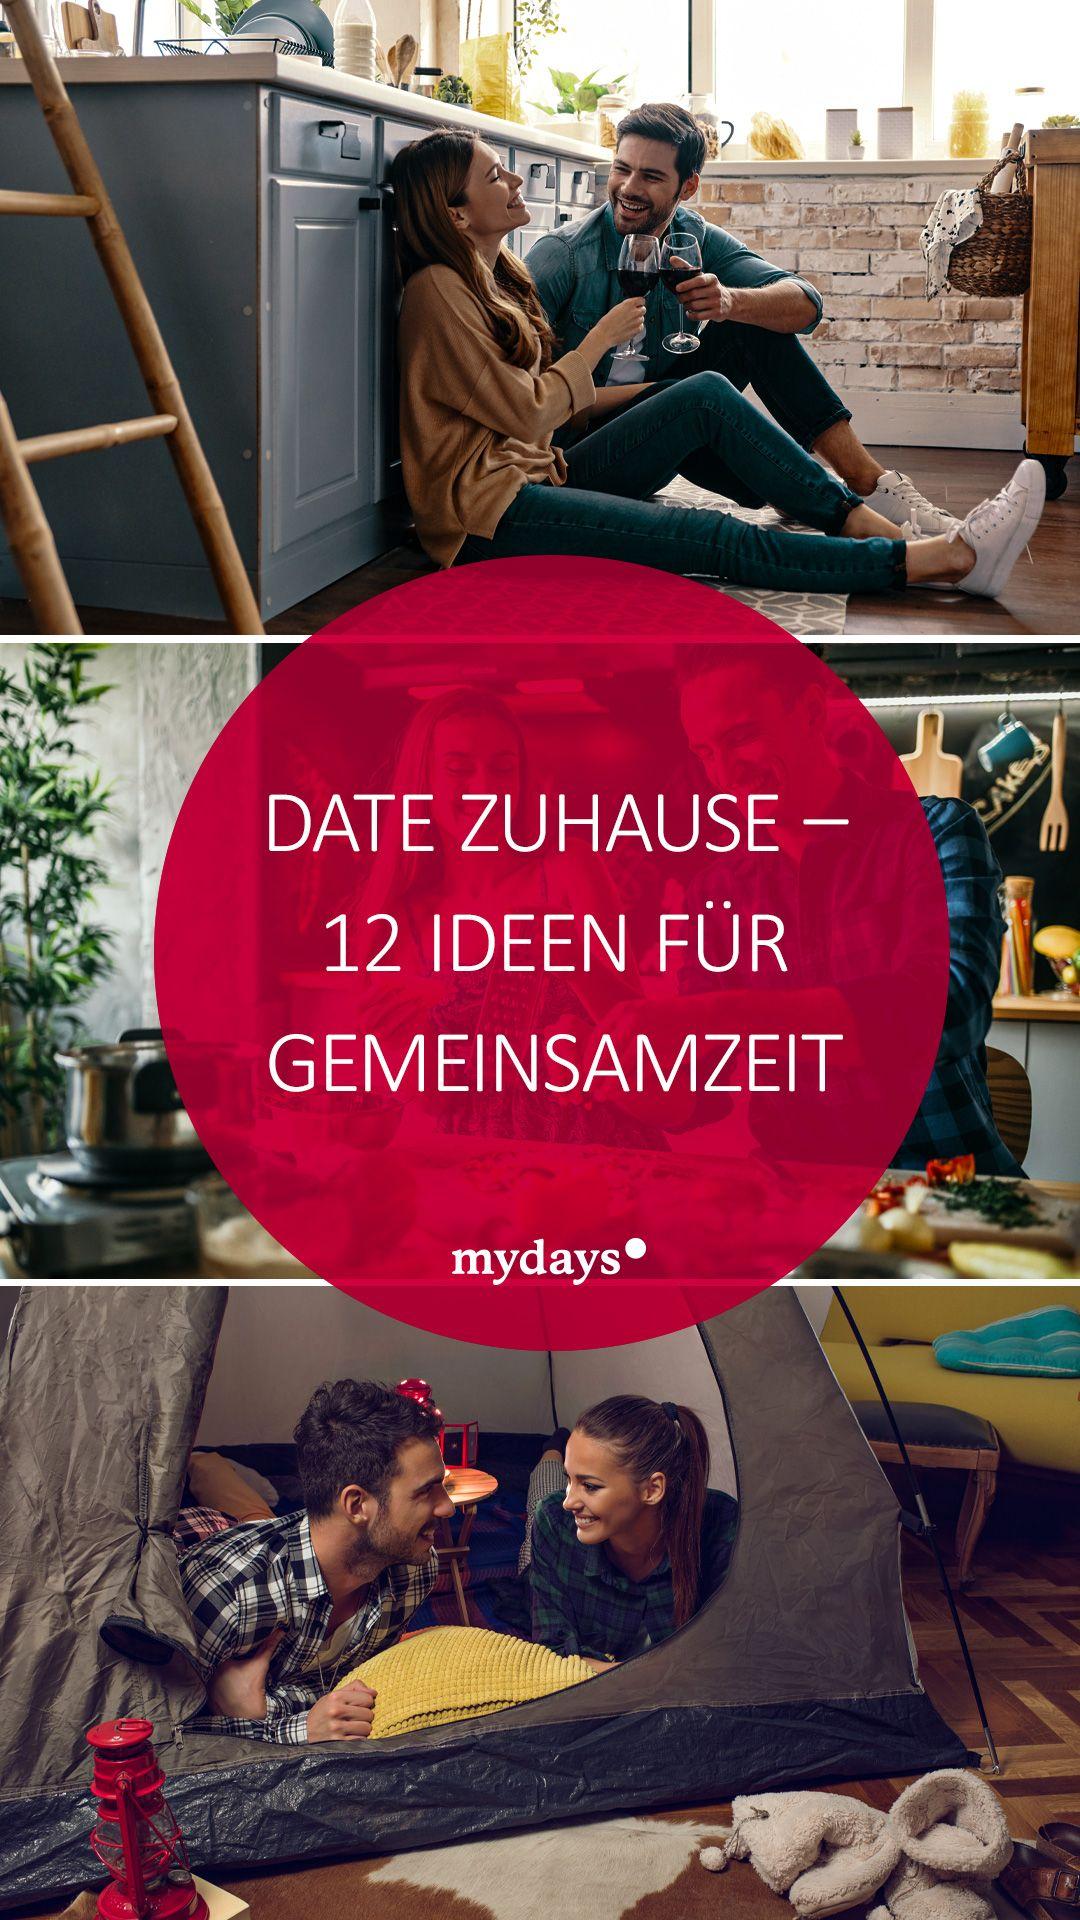 Date Zuhause - 12 Ideen für Gemeinsamzeit | mydays Magazin